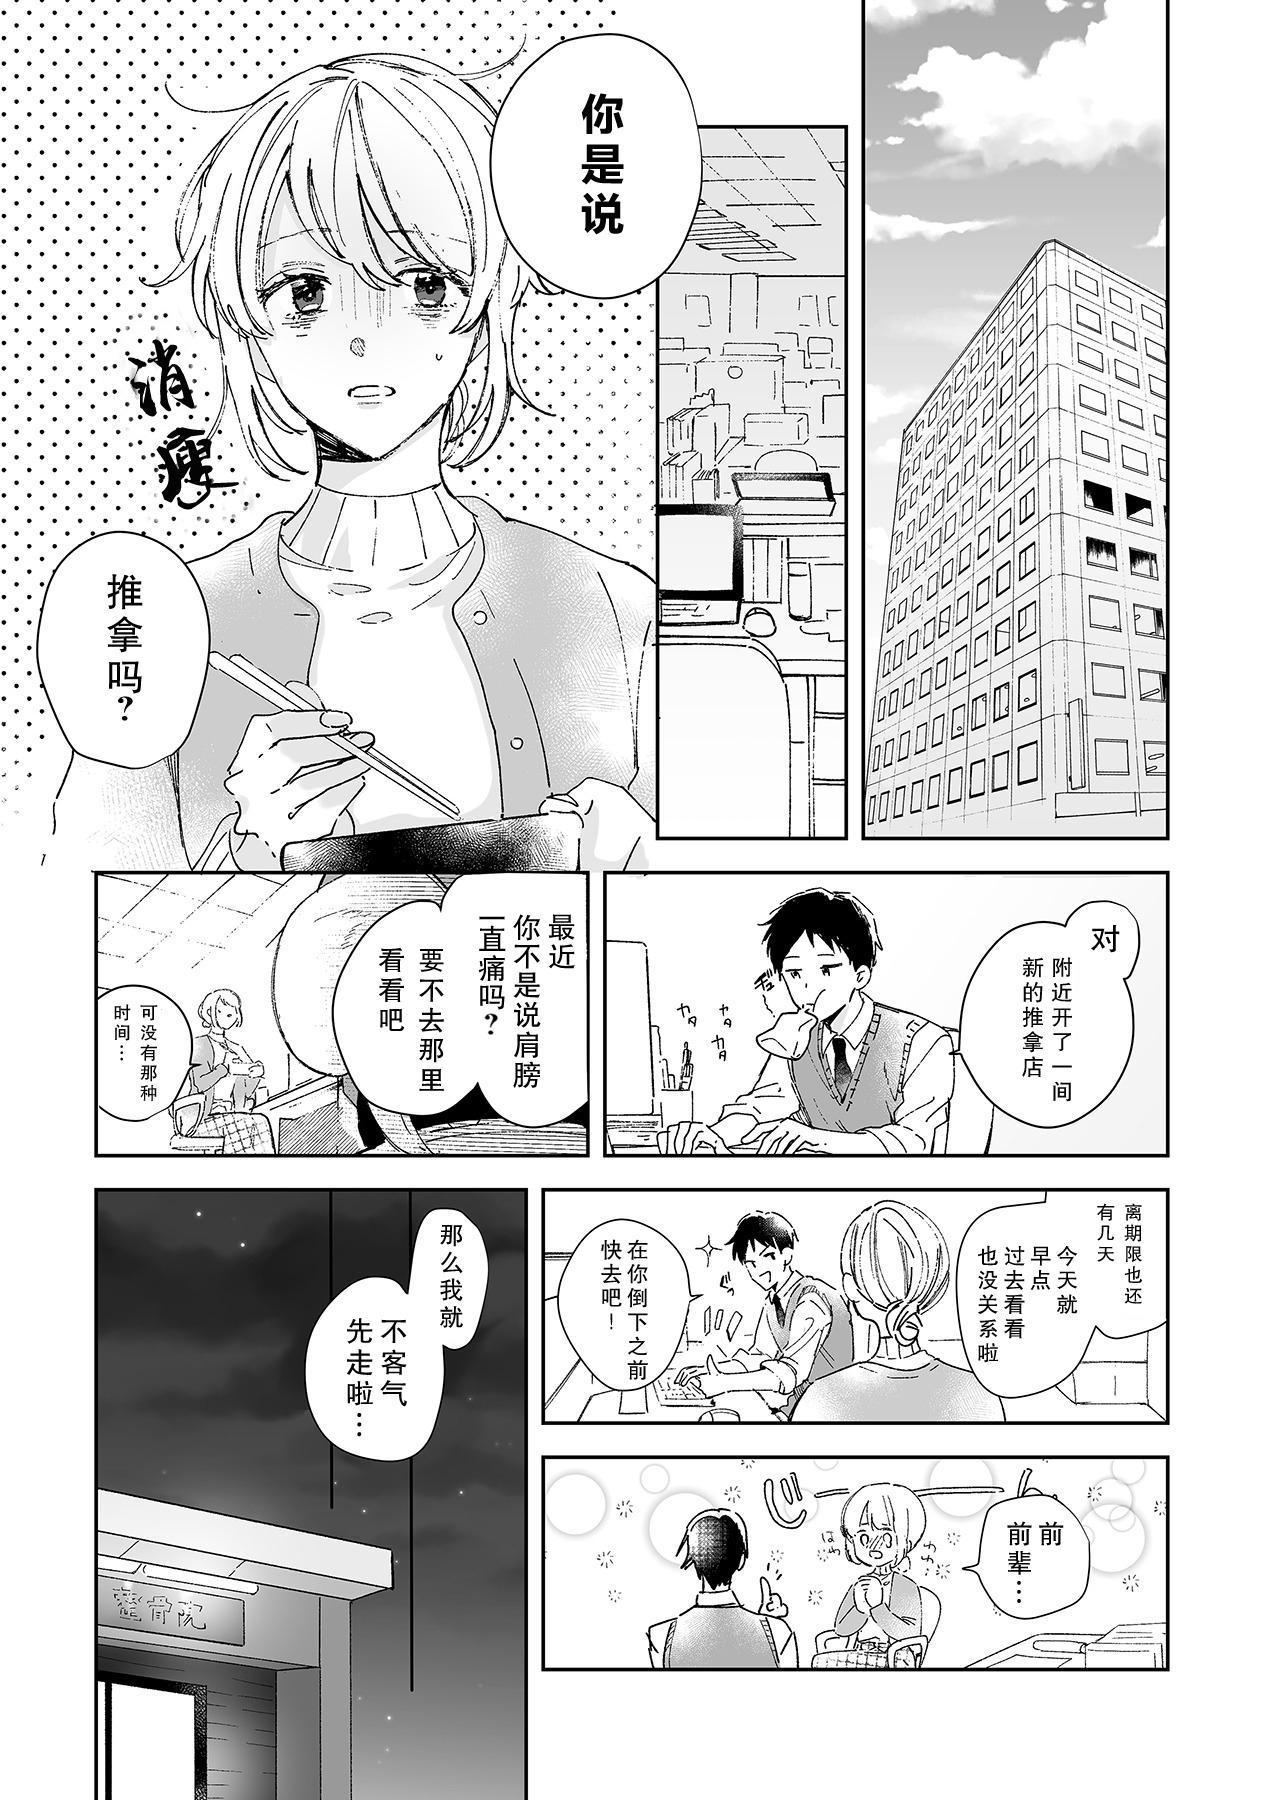 [Ryo] Osananajimi ja tarinai ~ seitai-shi no shigi wa yasashiku zuru i ~   无法满足于青梅竹马的关系~推拿师他的指技又厉害又狡猾~ Ch. 1-2 [Chinese] [莉赛特汉化组] 2